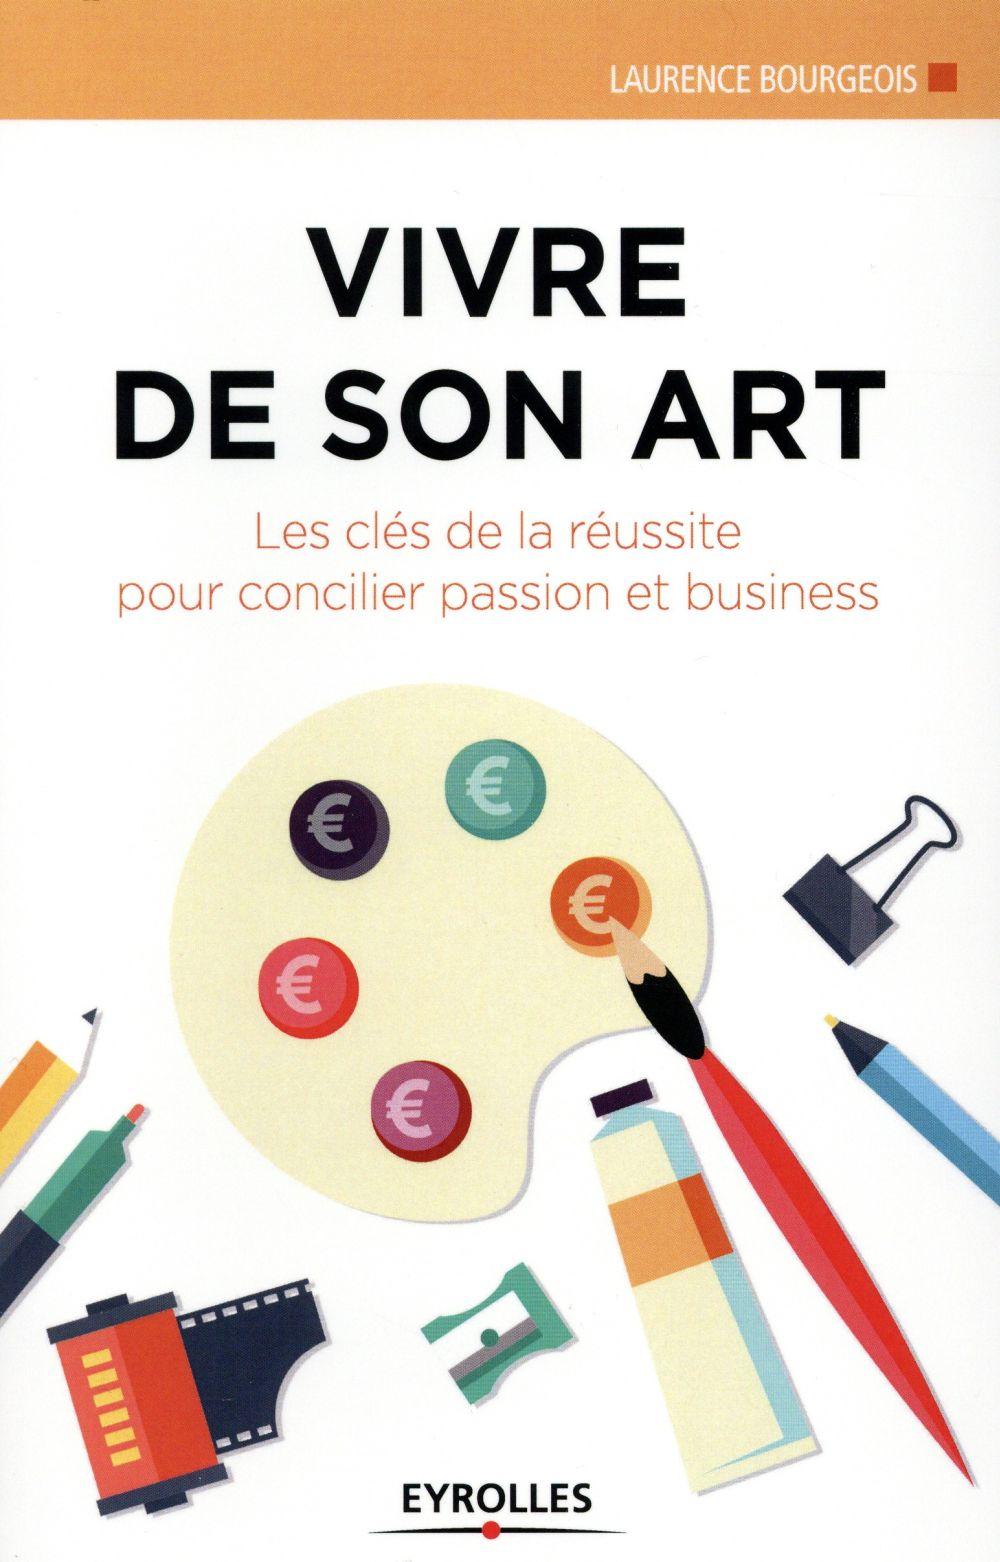 Vivre de son art ; les cles de la réussite pour concilier passion et business